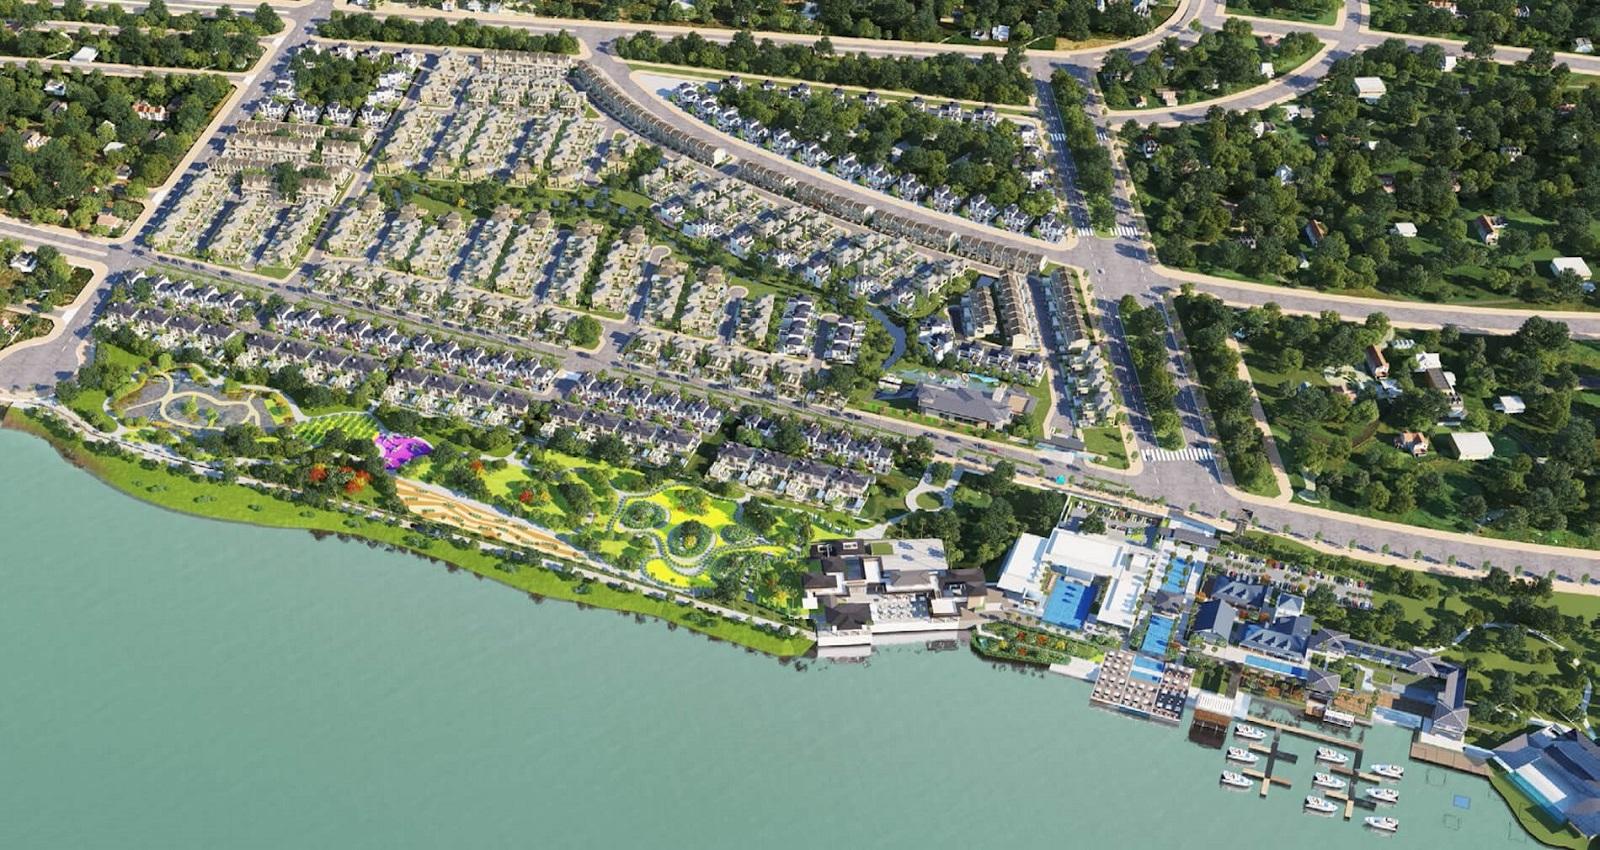 Swan Bay Đại Phước - Dự án Biệt thự nghĩ dưỡng hàng đầu